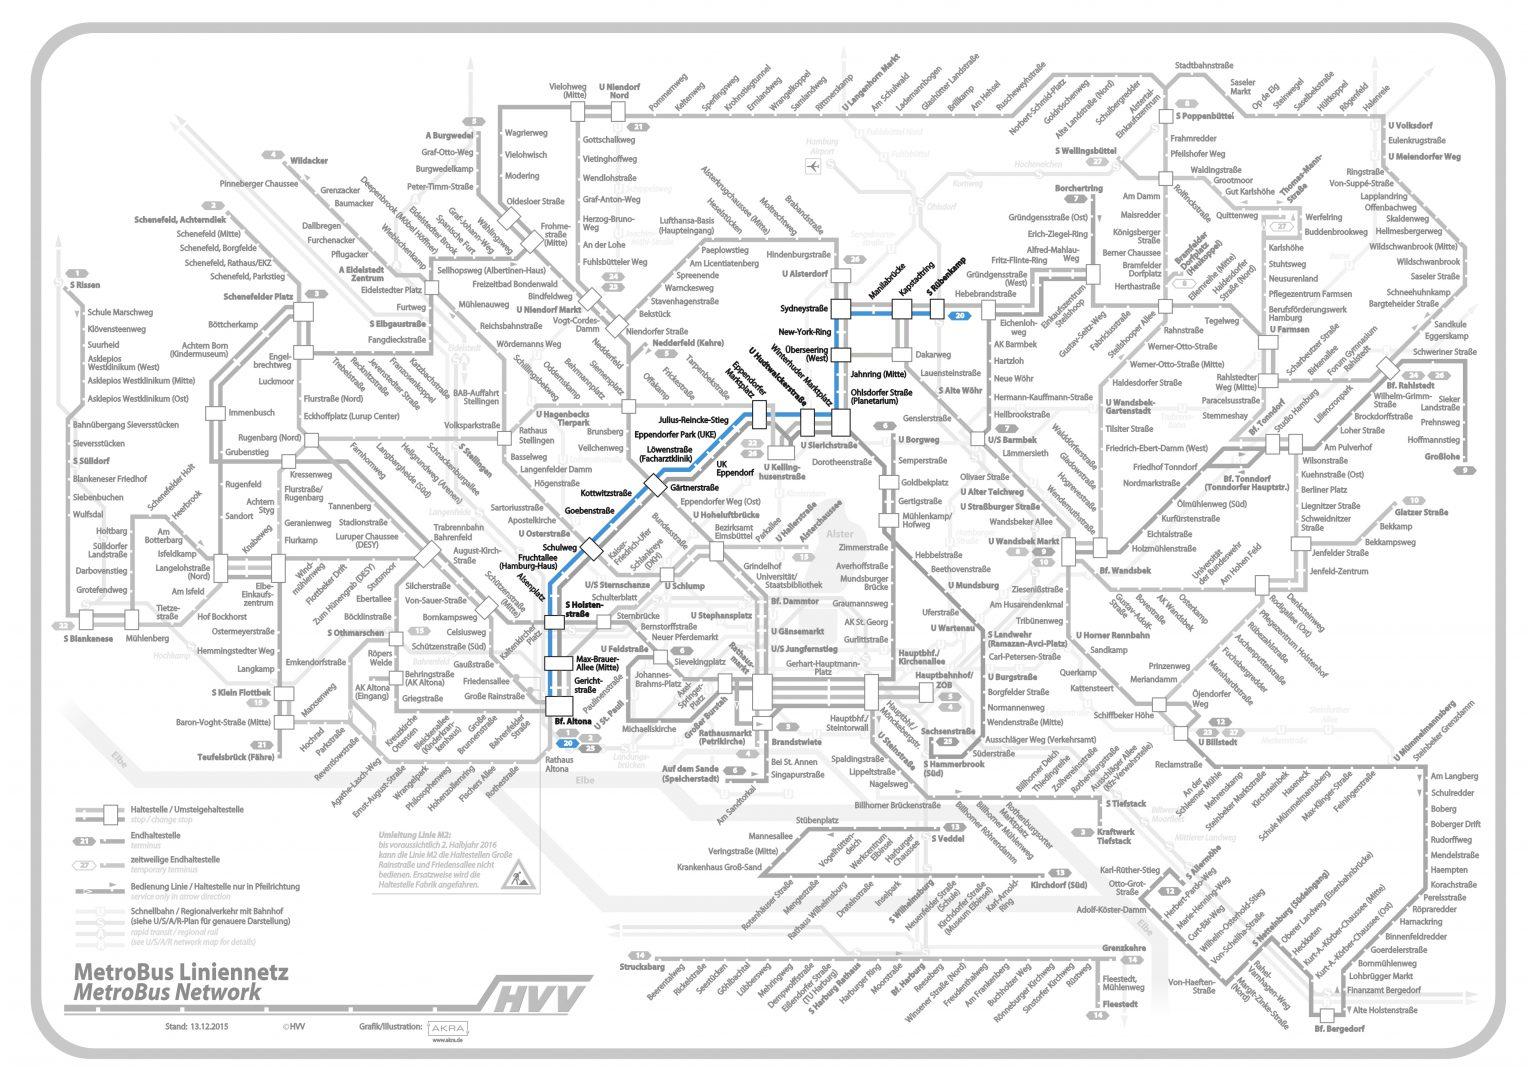 Linie 20 im Liniennetz hervorgehoben, (c) Hamburger Verkehrsverbund (bearbeitet)